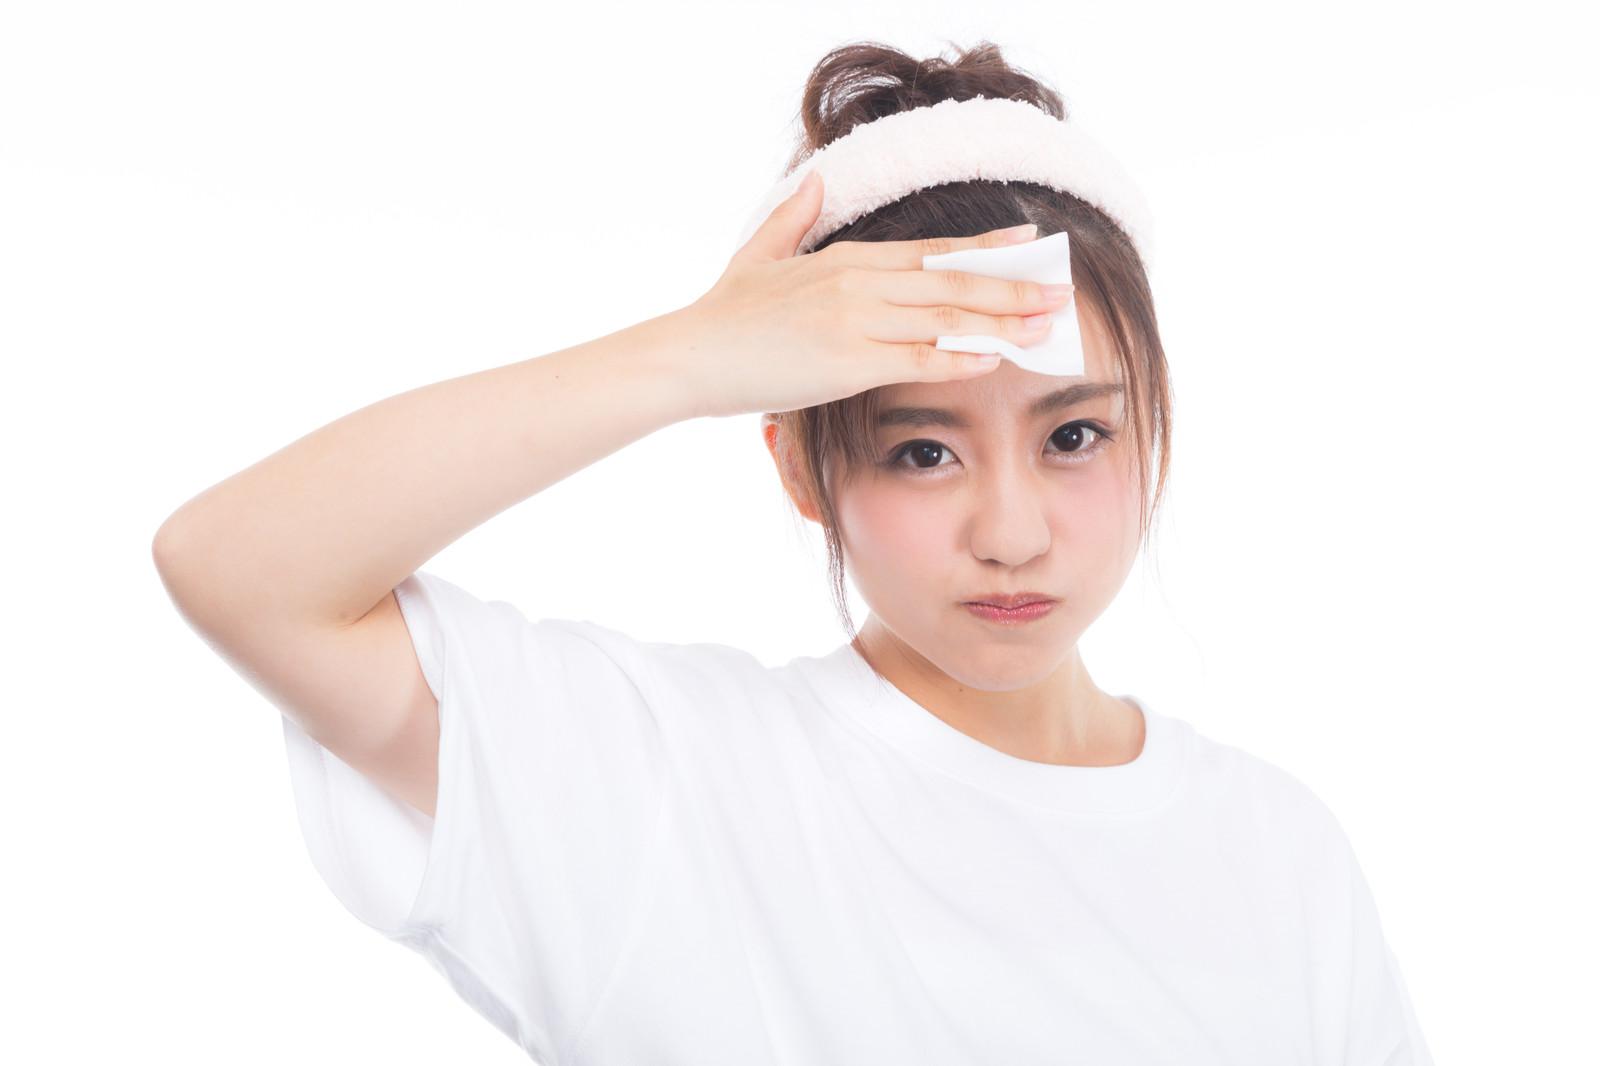 【6回目】ヒゲの断捨離でツルツルお肌!湘南美容外科でヒゲ脱毛にチャレンジ!!